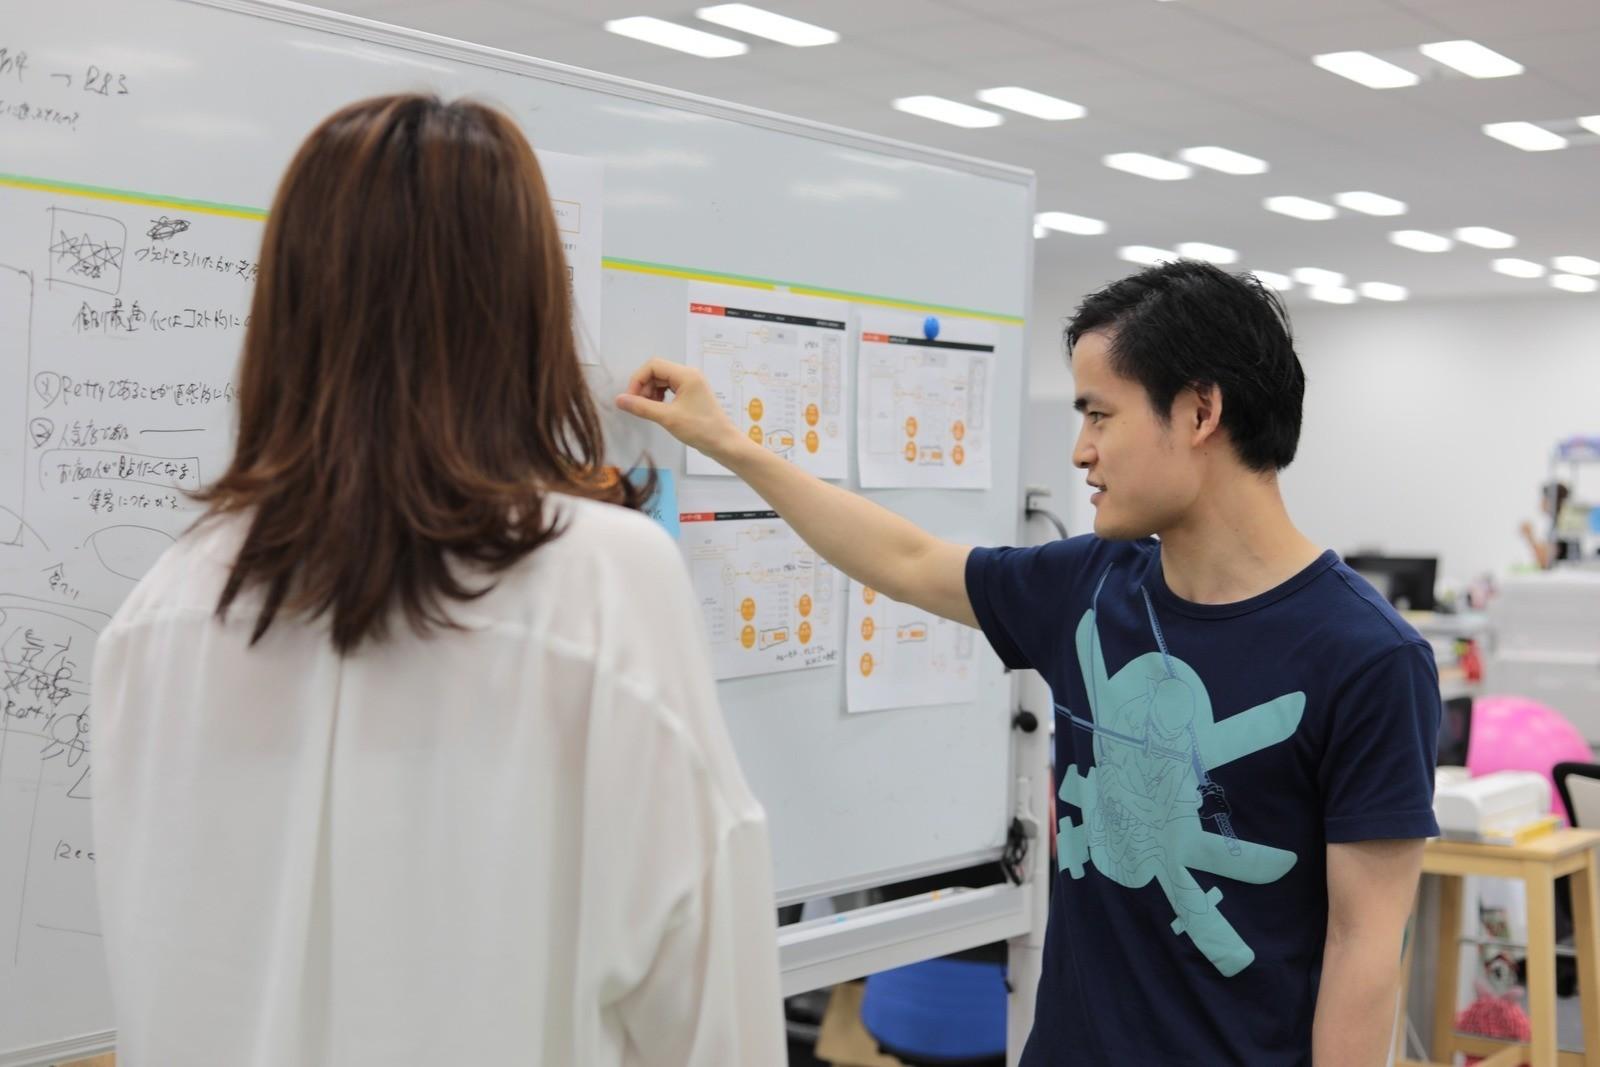 【Swiftで開発】日本最大級実名制グルメ情報サービス「Retty」のiOSエンジニア募集!